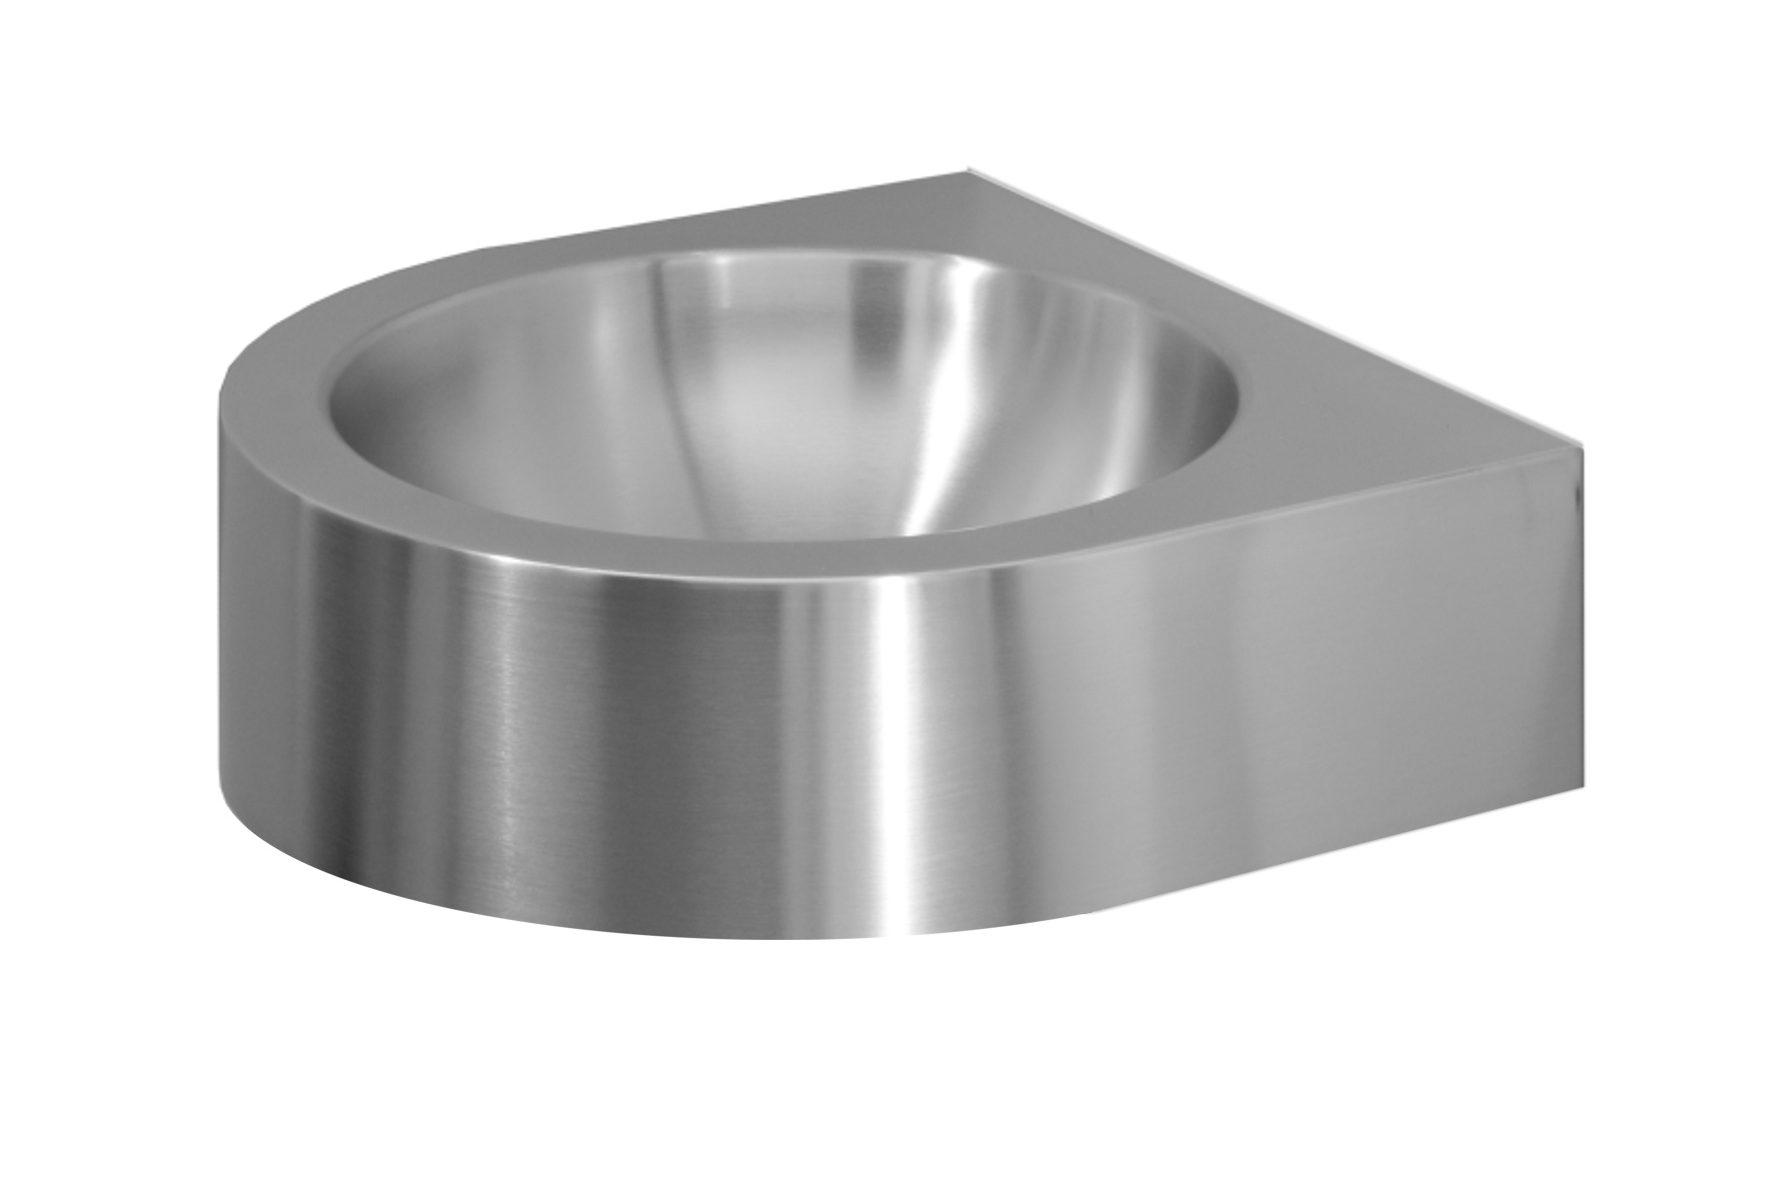 Edelstahl Waschtisch Final 44x44 Beckentiefe 150 mm halbrund